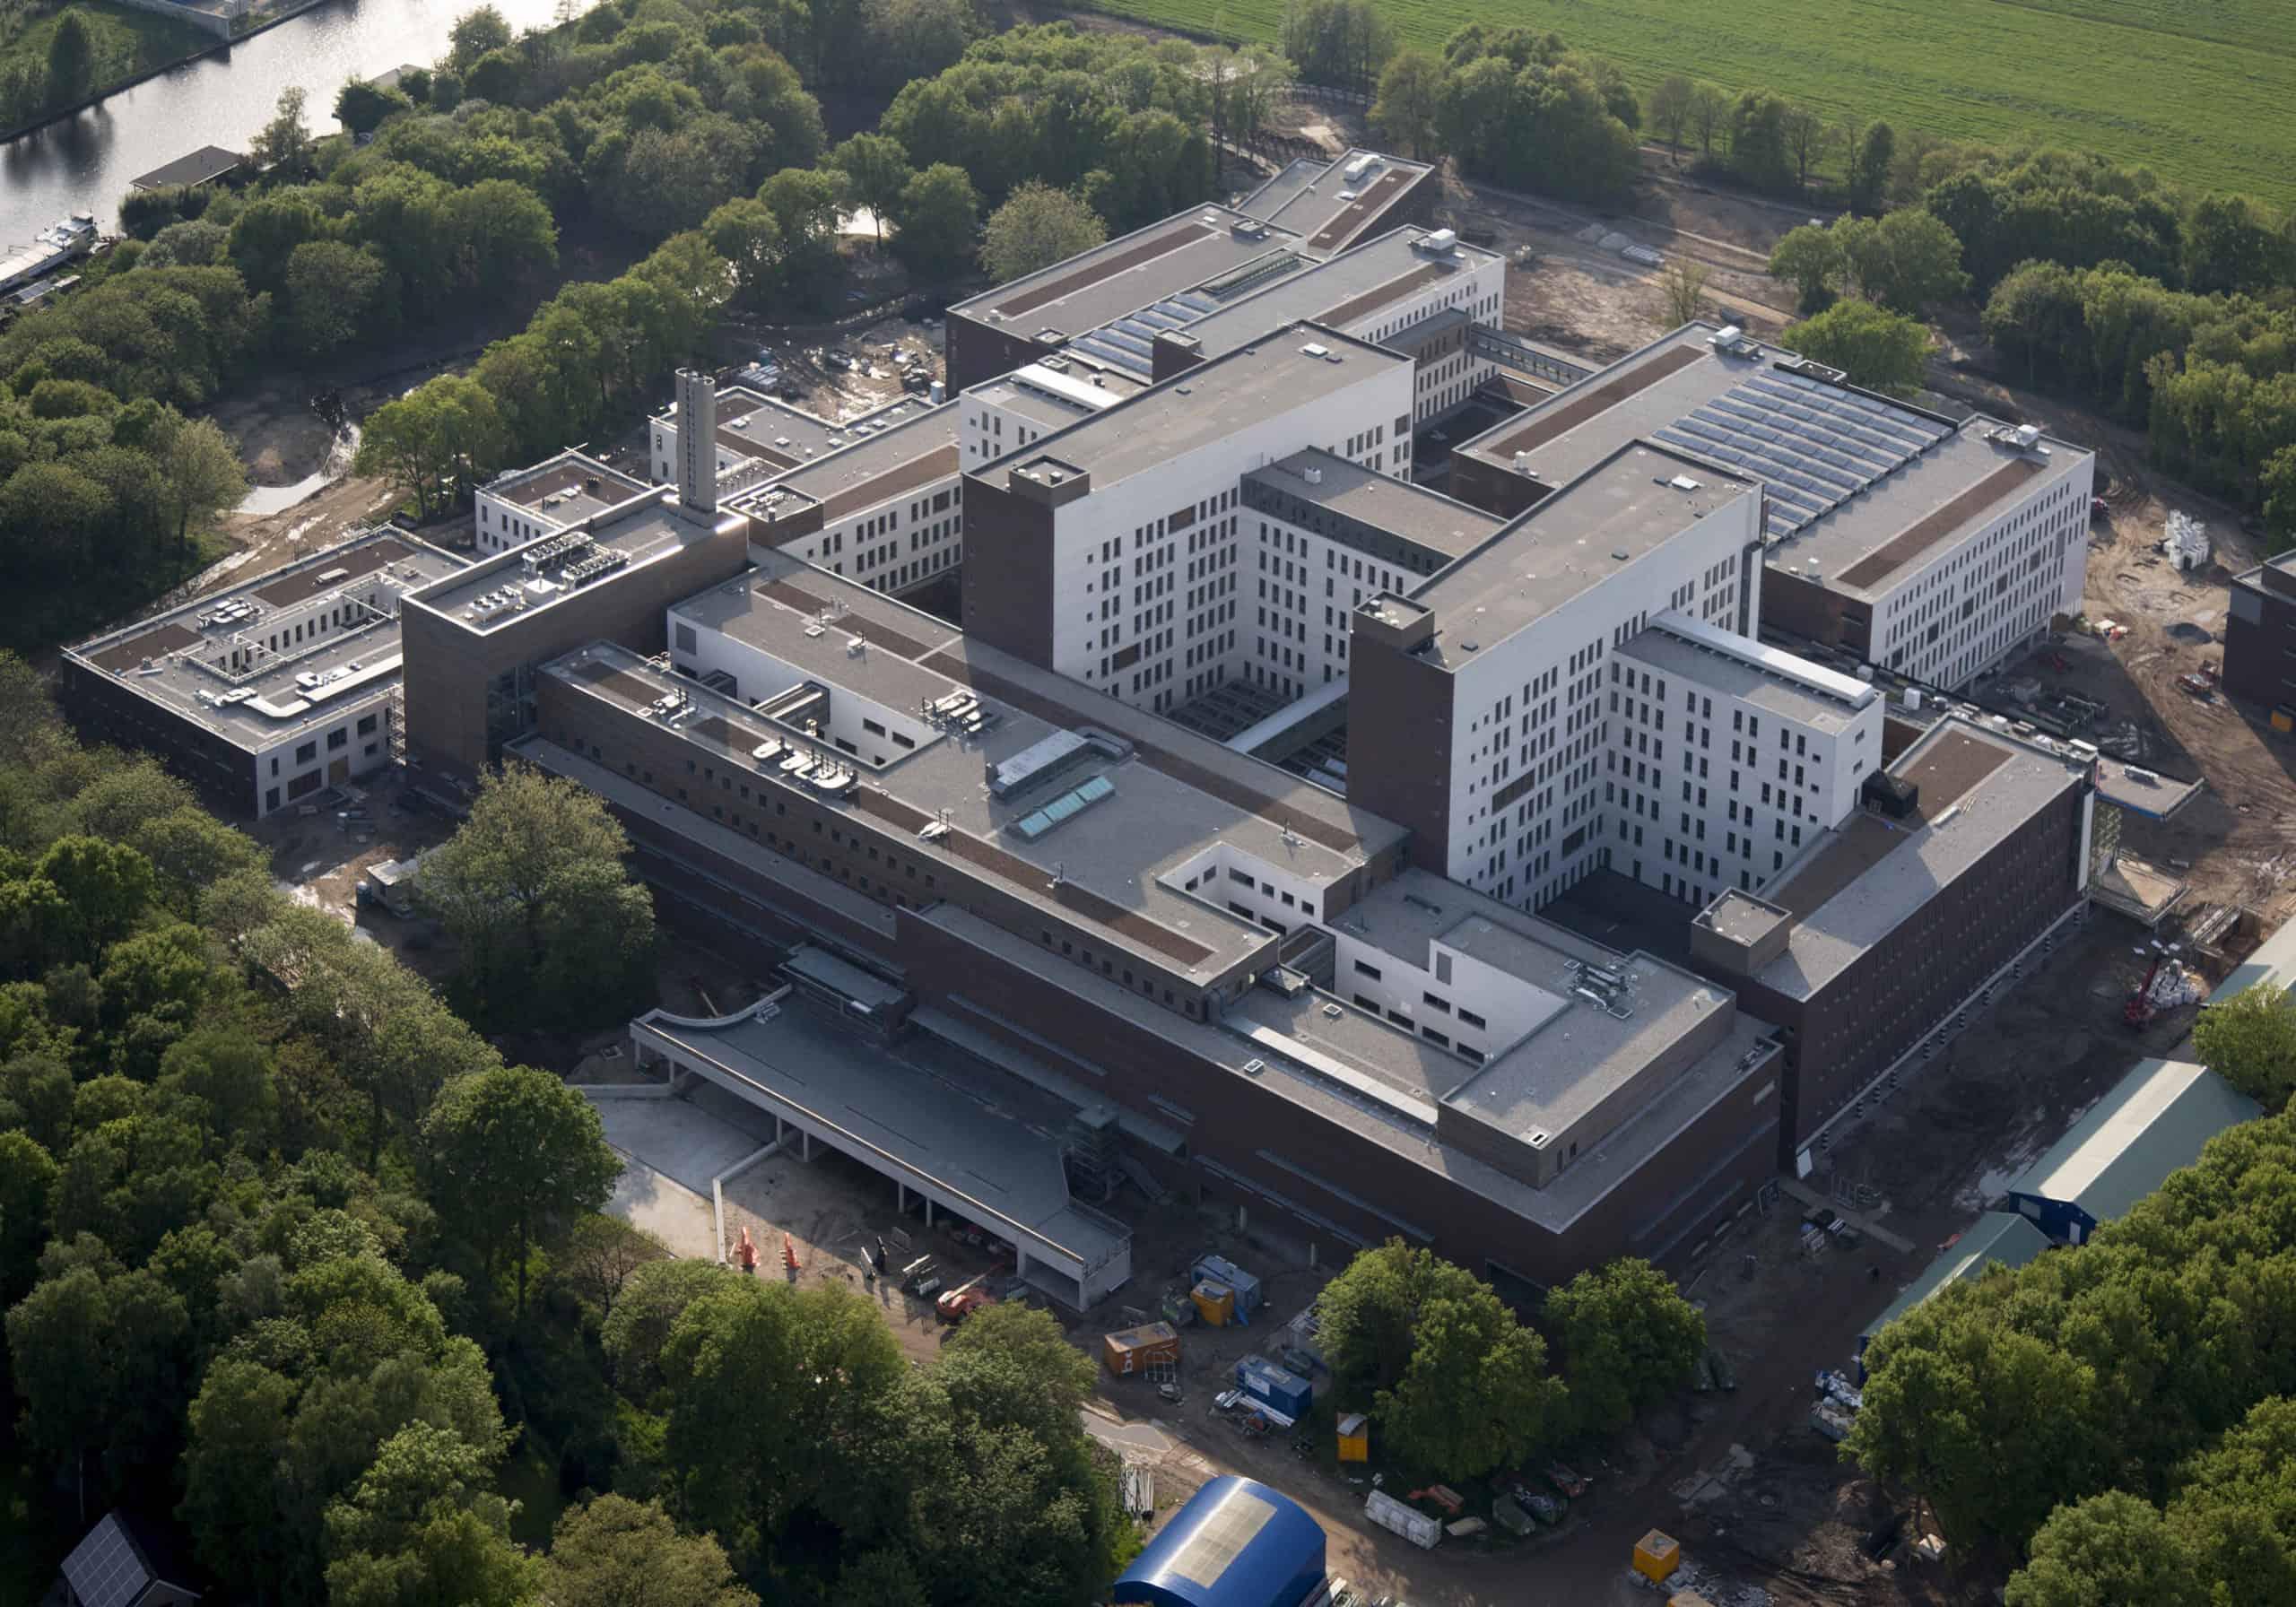 Luchtfoto-Meander-Ziekenhuis2-2-scaled